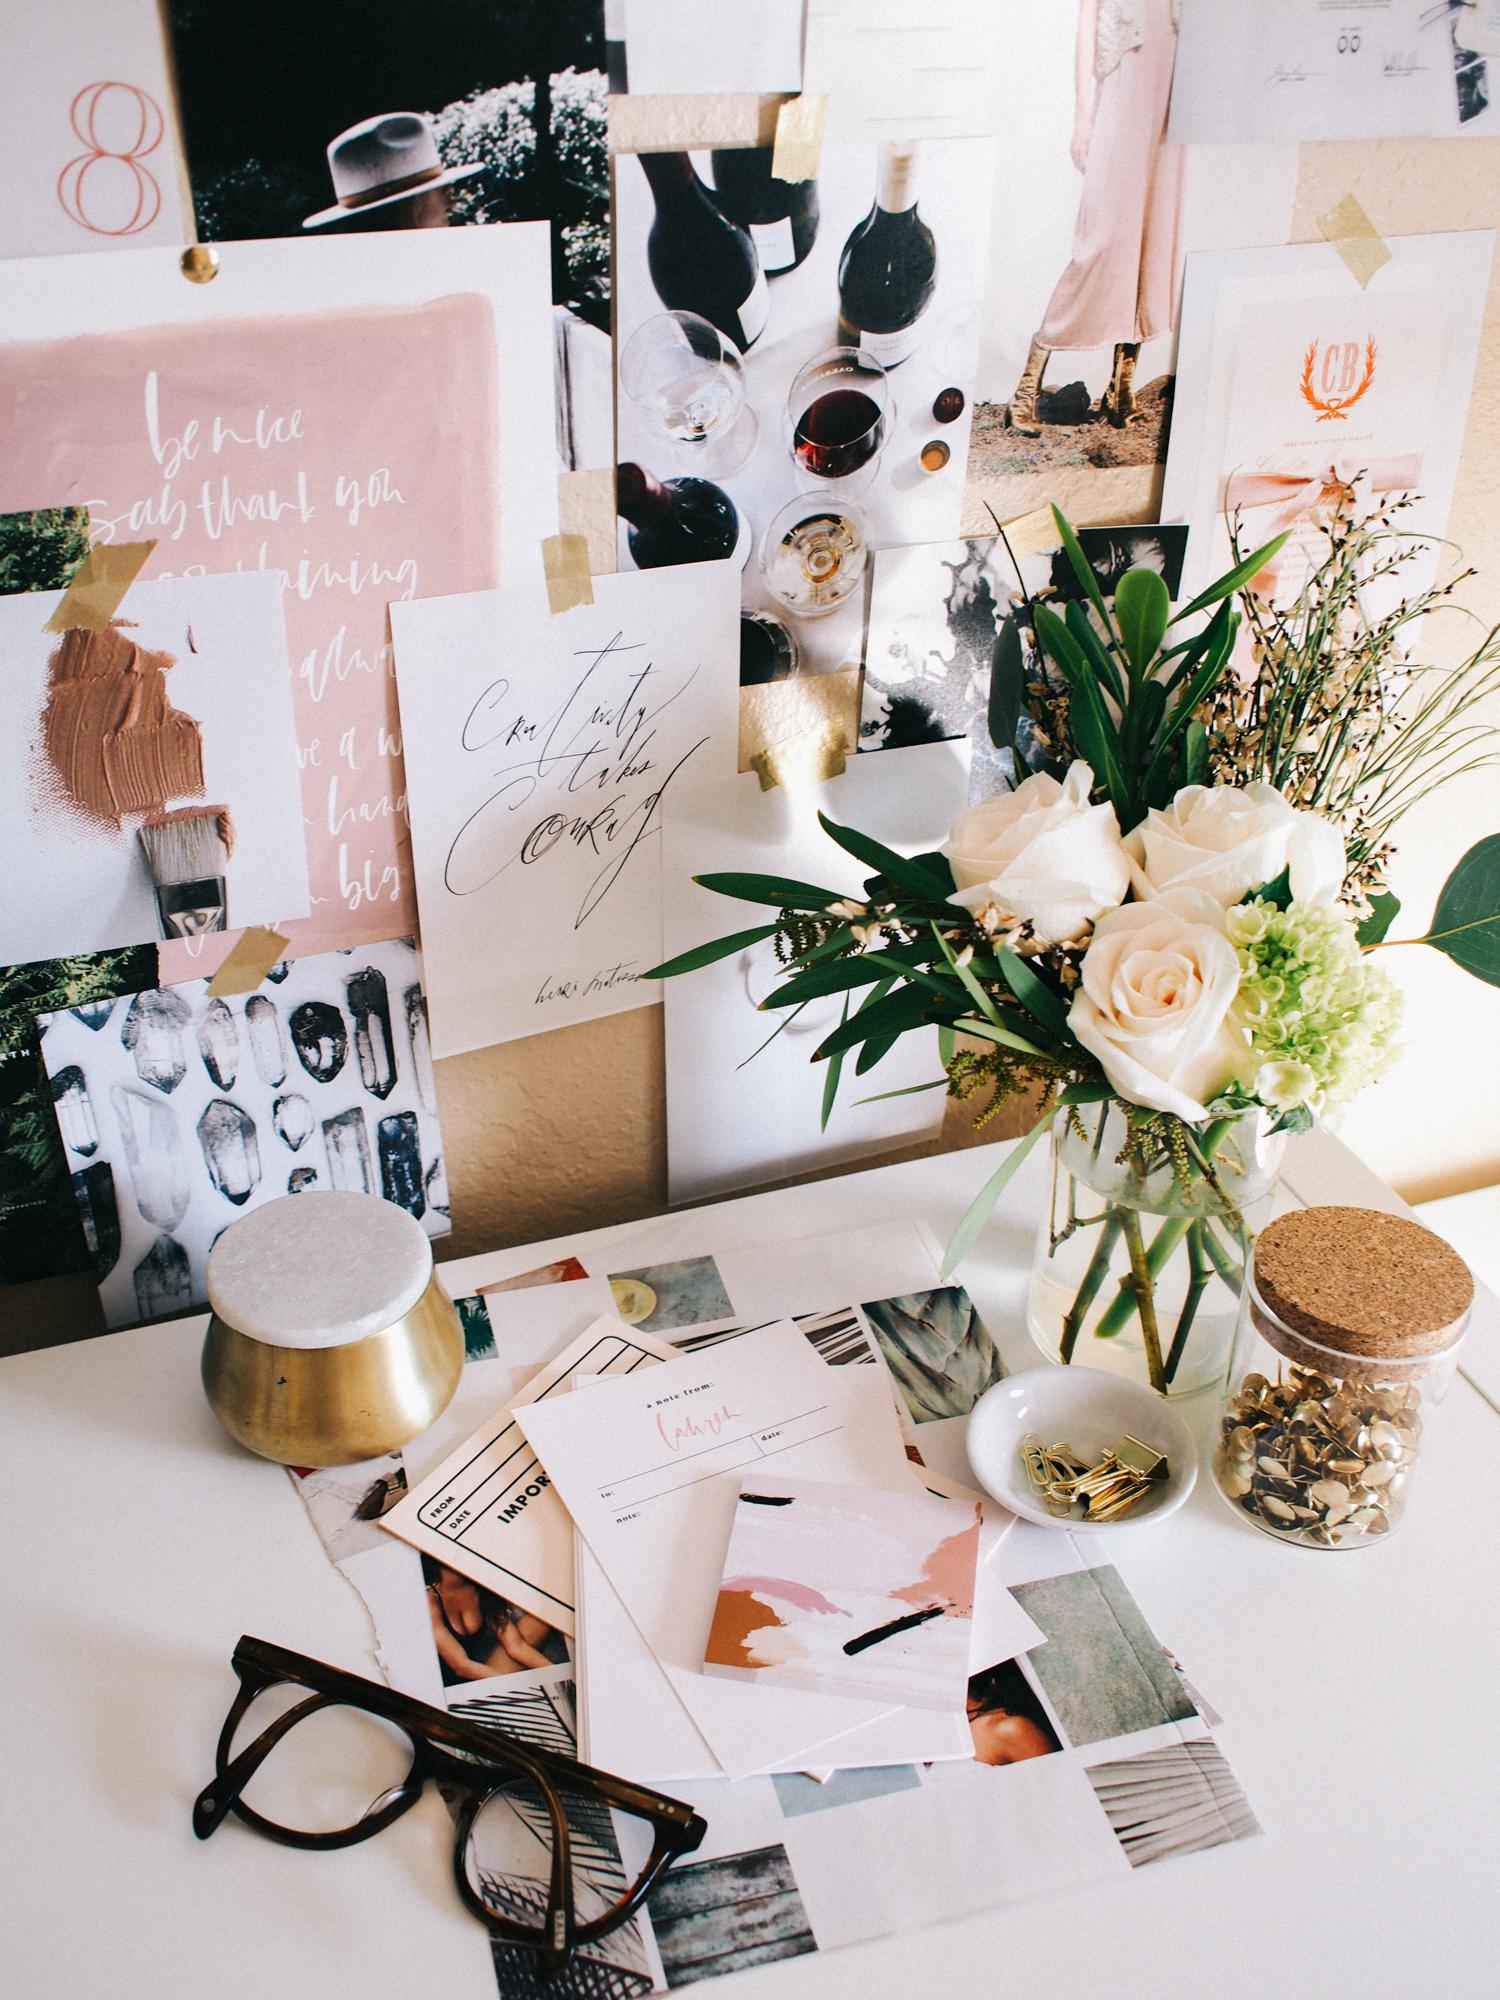 Mini arrangements to brighten up the office | A Fabulous Fete